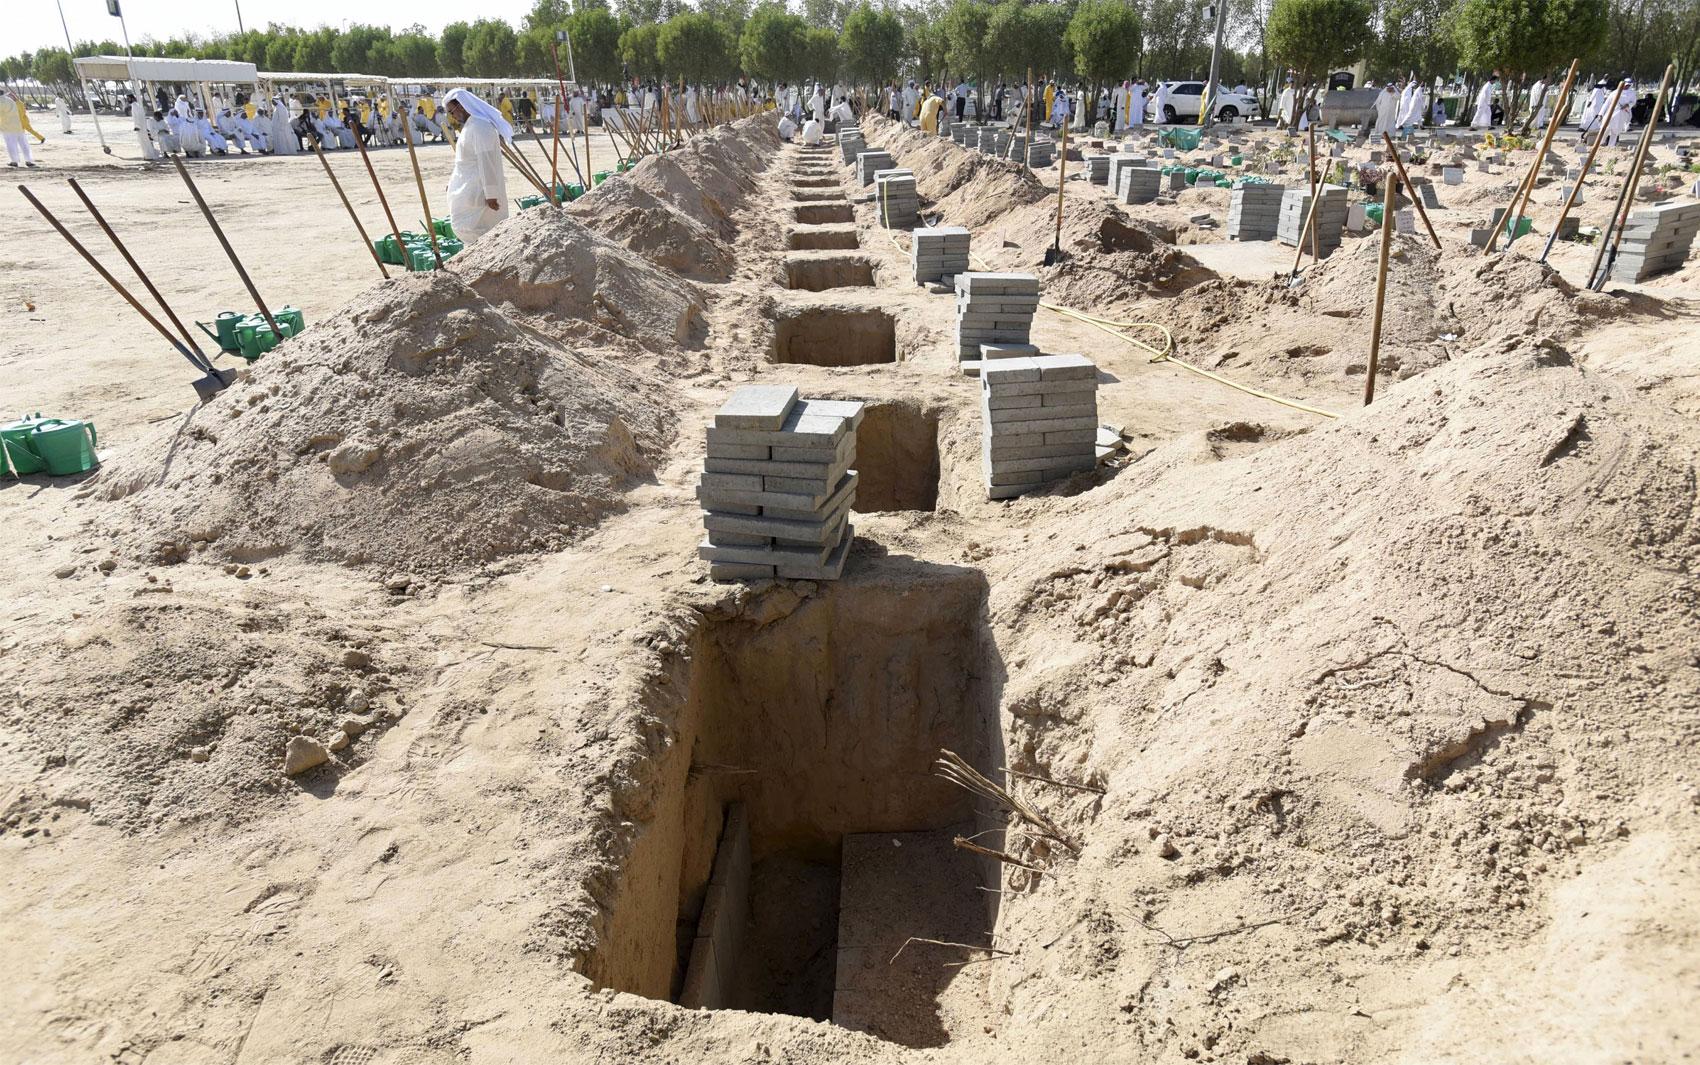 27/6 - Covas para enterrar as vítimas de ataque a mesquita são preparadas em cemitério do Kuwait